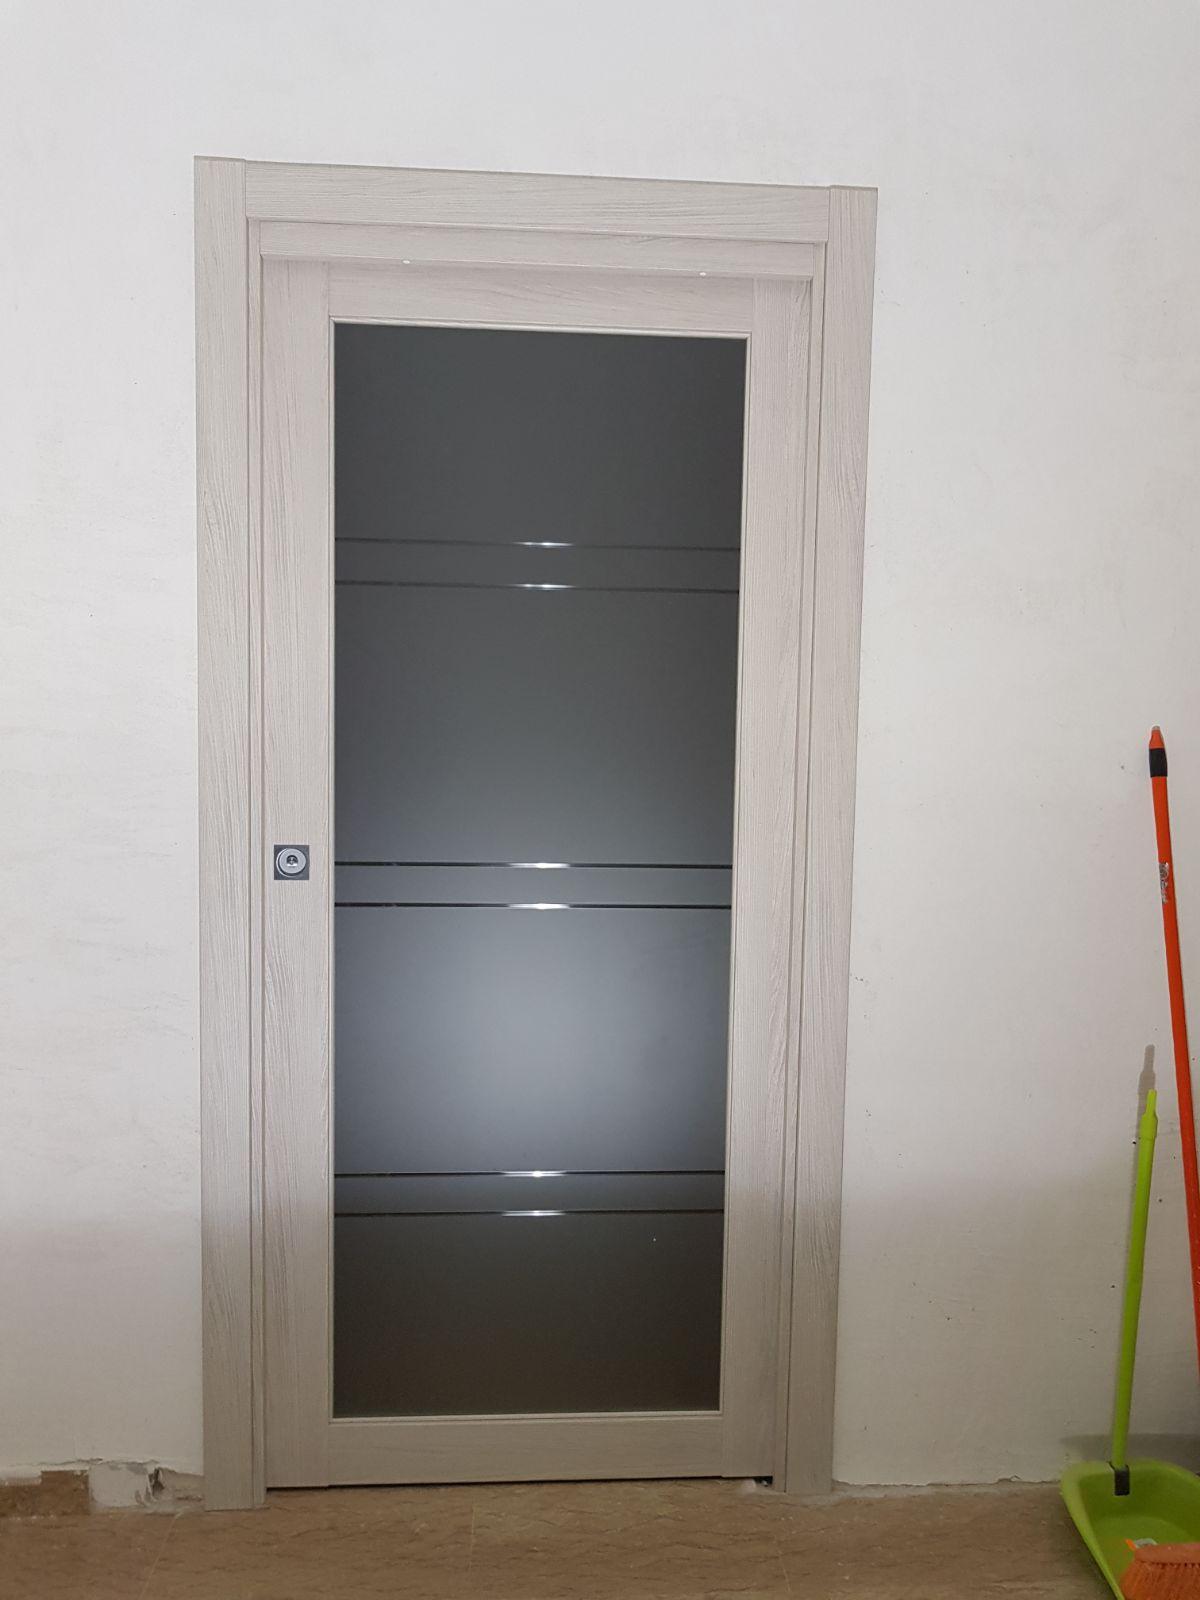 Sostituzione Porte Interne Detrazione porta interna (1) - infissi durazzano, porte interne, porte